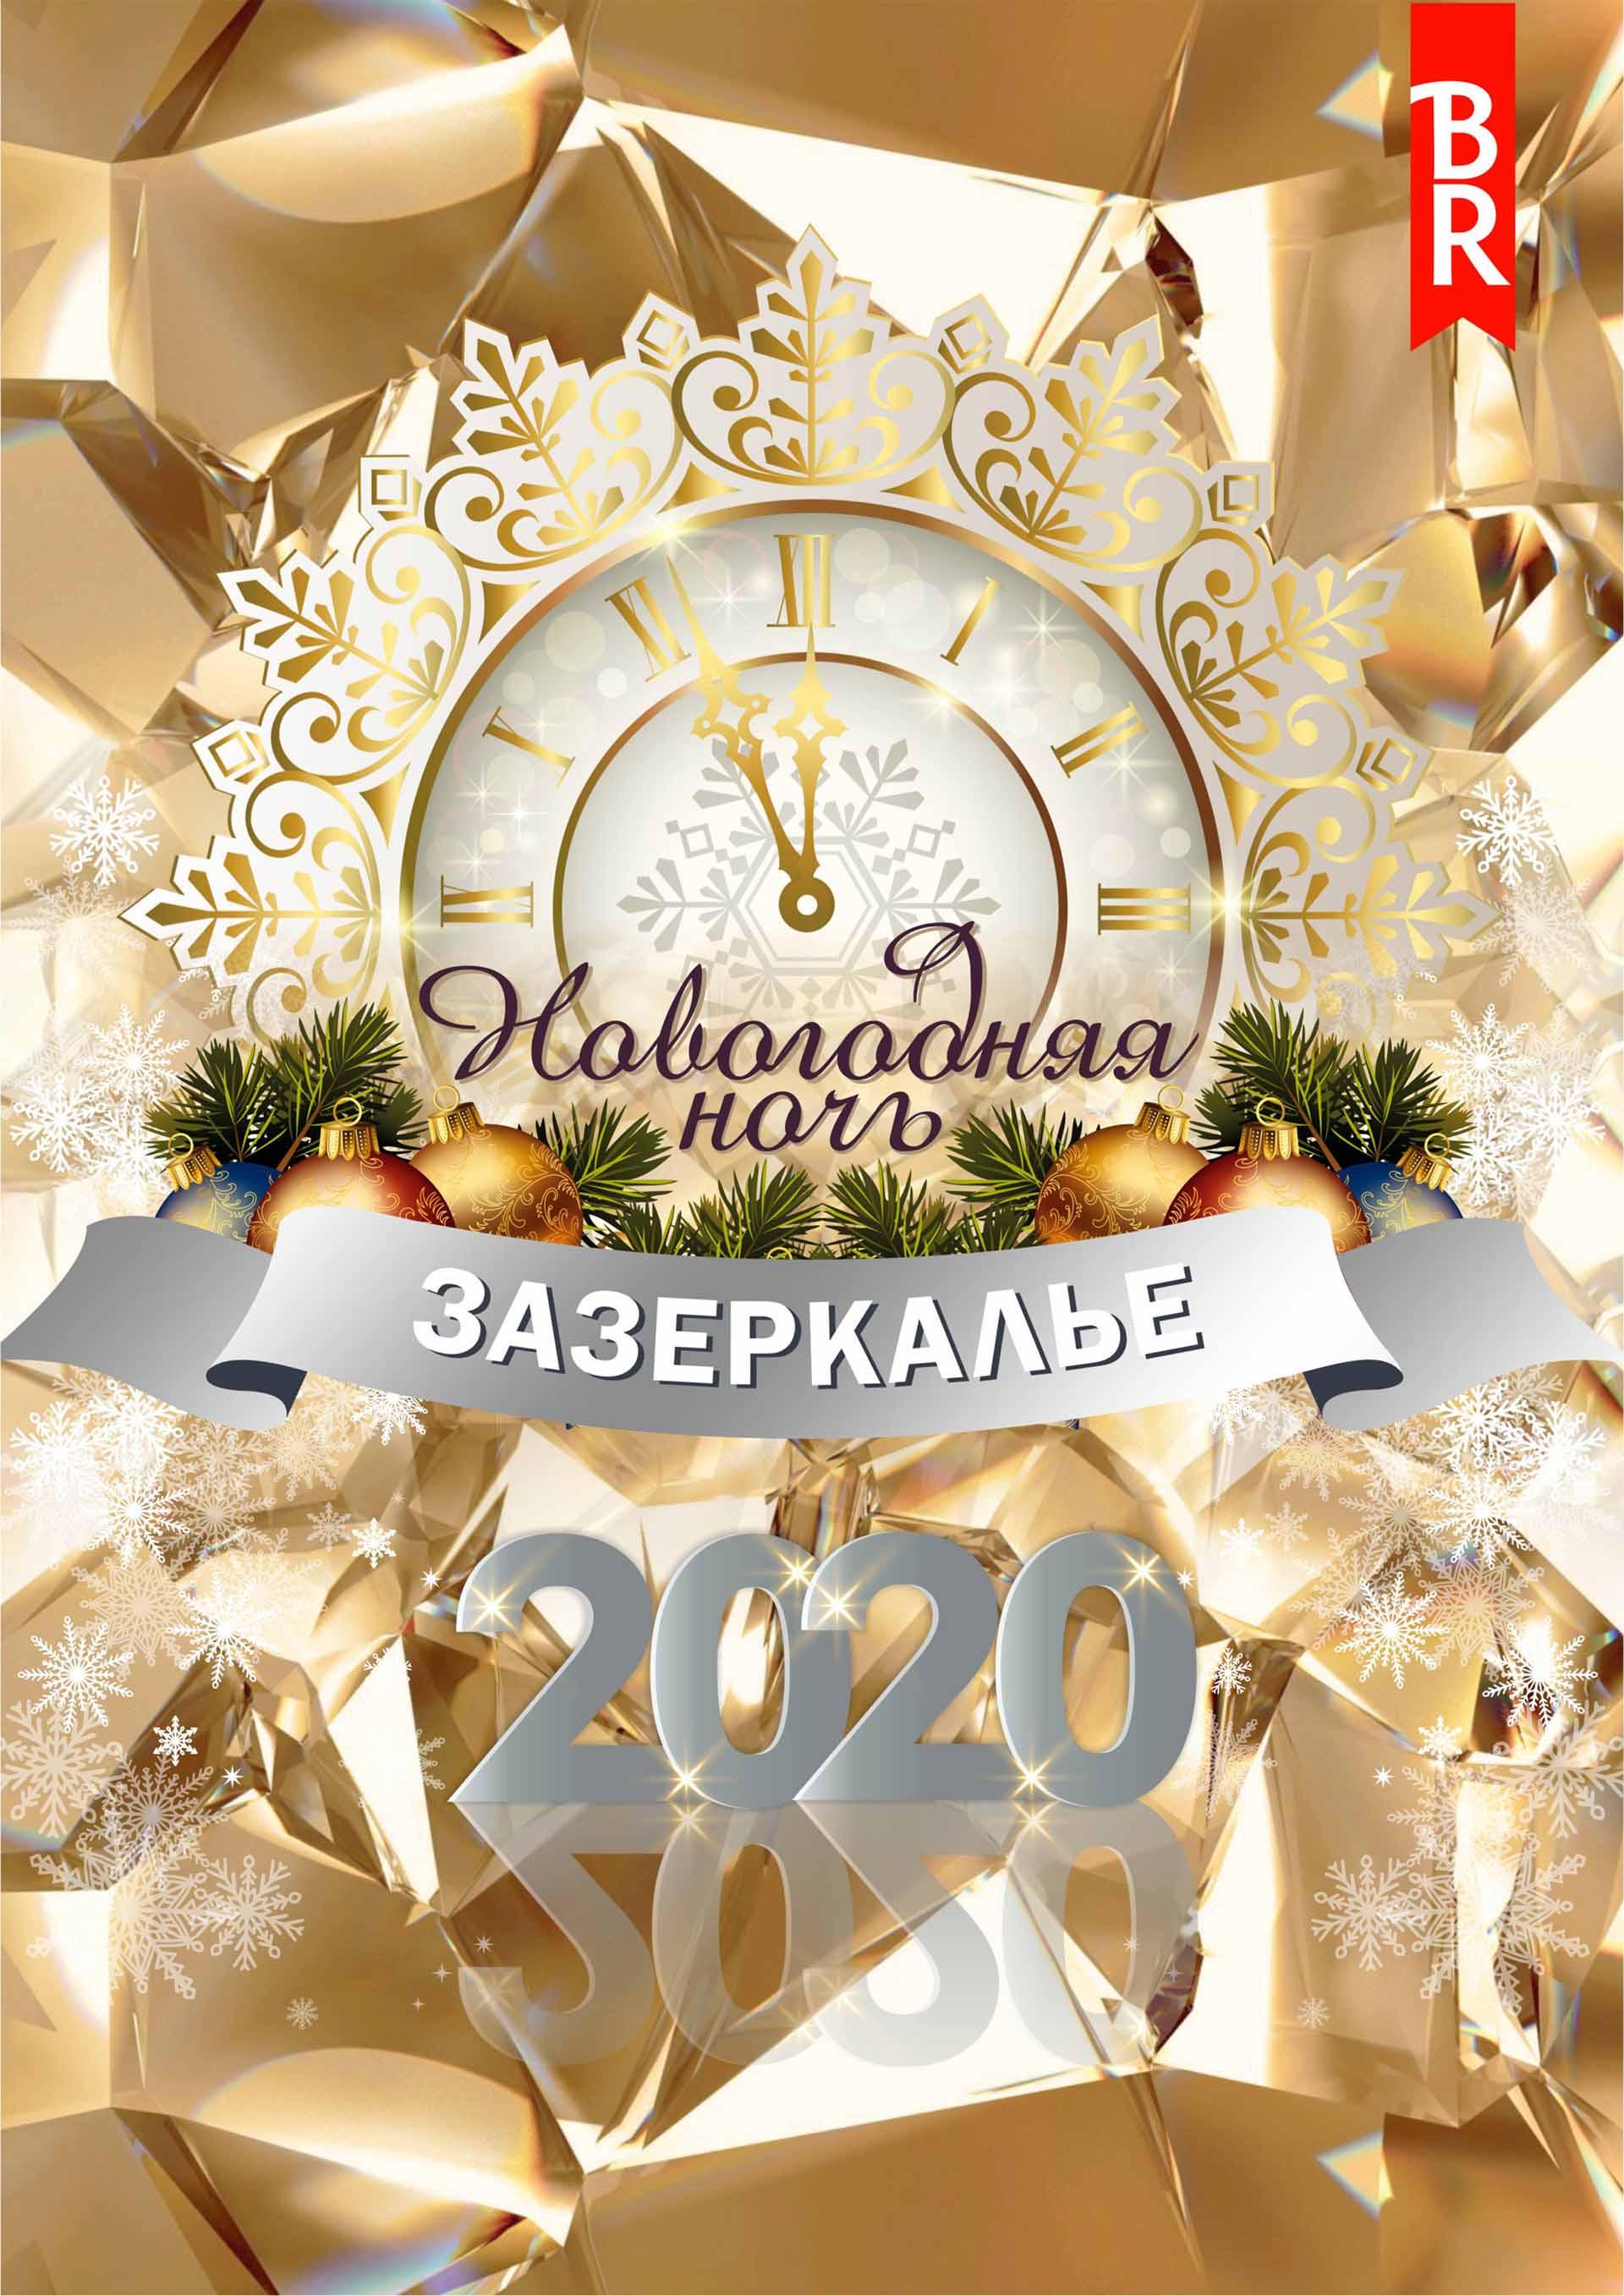 Банкет на новый год в гостинице Bridge_Resort в Адлере